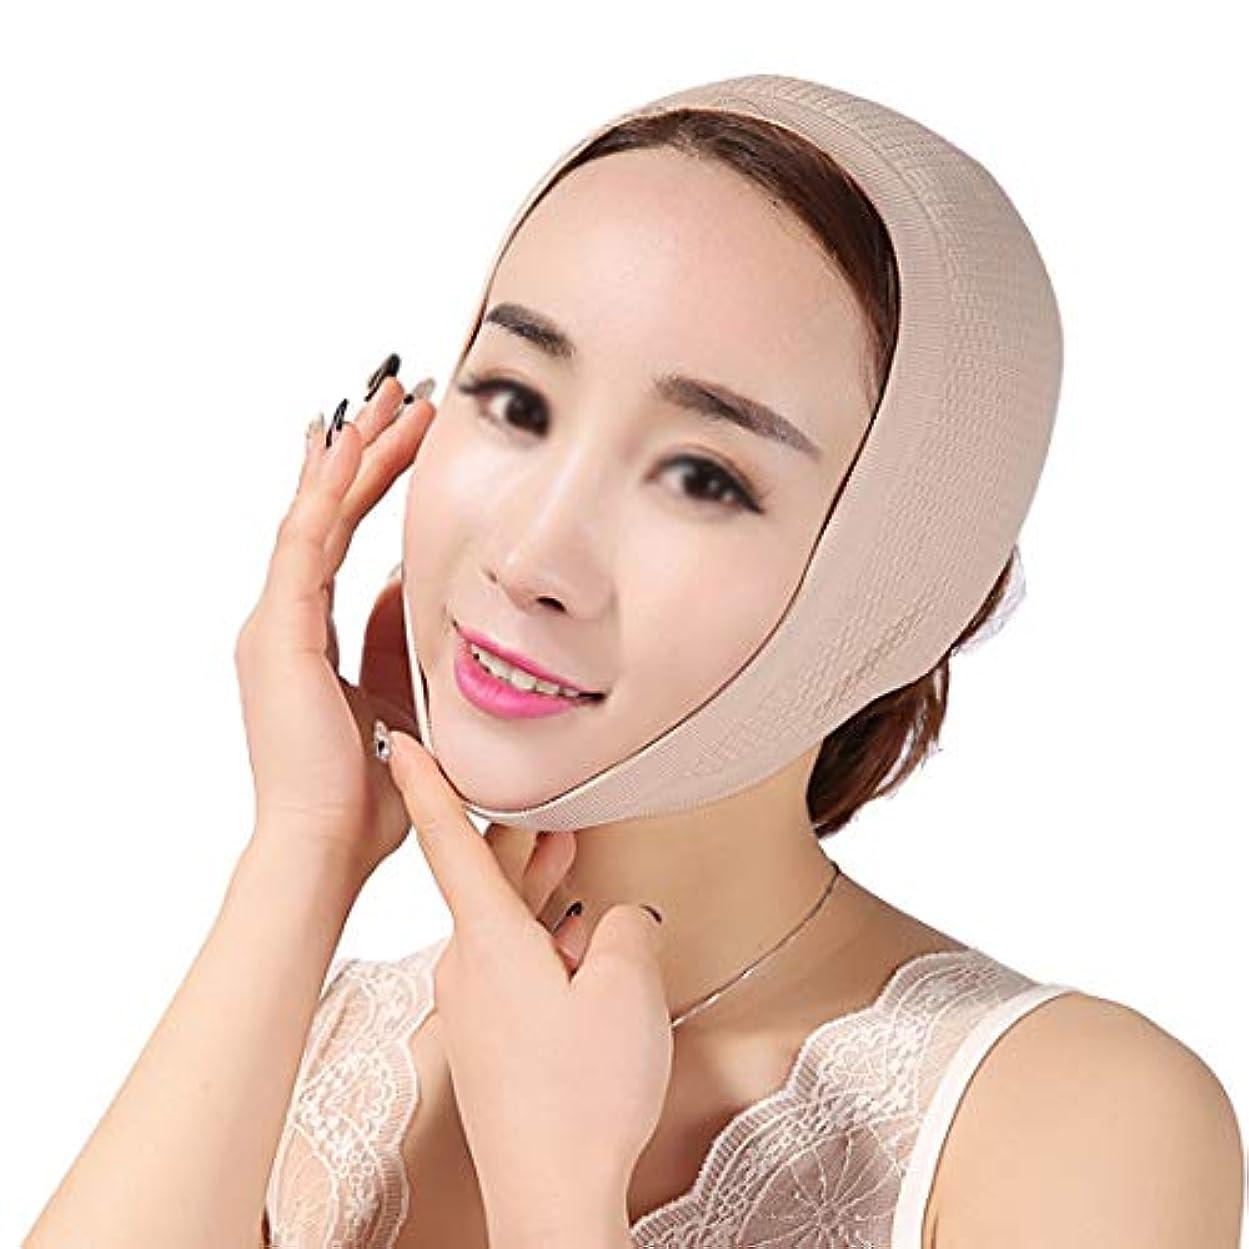 ループケーブル柔和ZWBD フェイスマスク, フェイスリフティング包帯vフェイスリフトシンダブルチンシンフェイス包帯リフティング引き締め美容マッサージvフェイスシンフェイスマスク